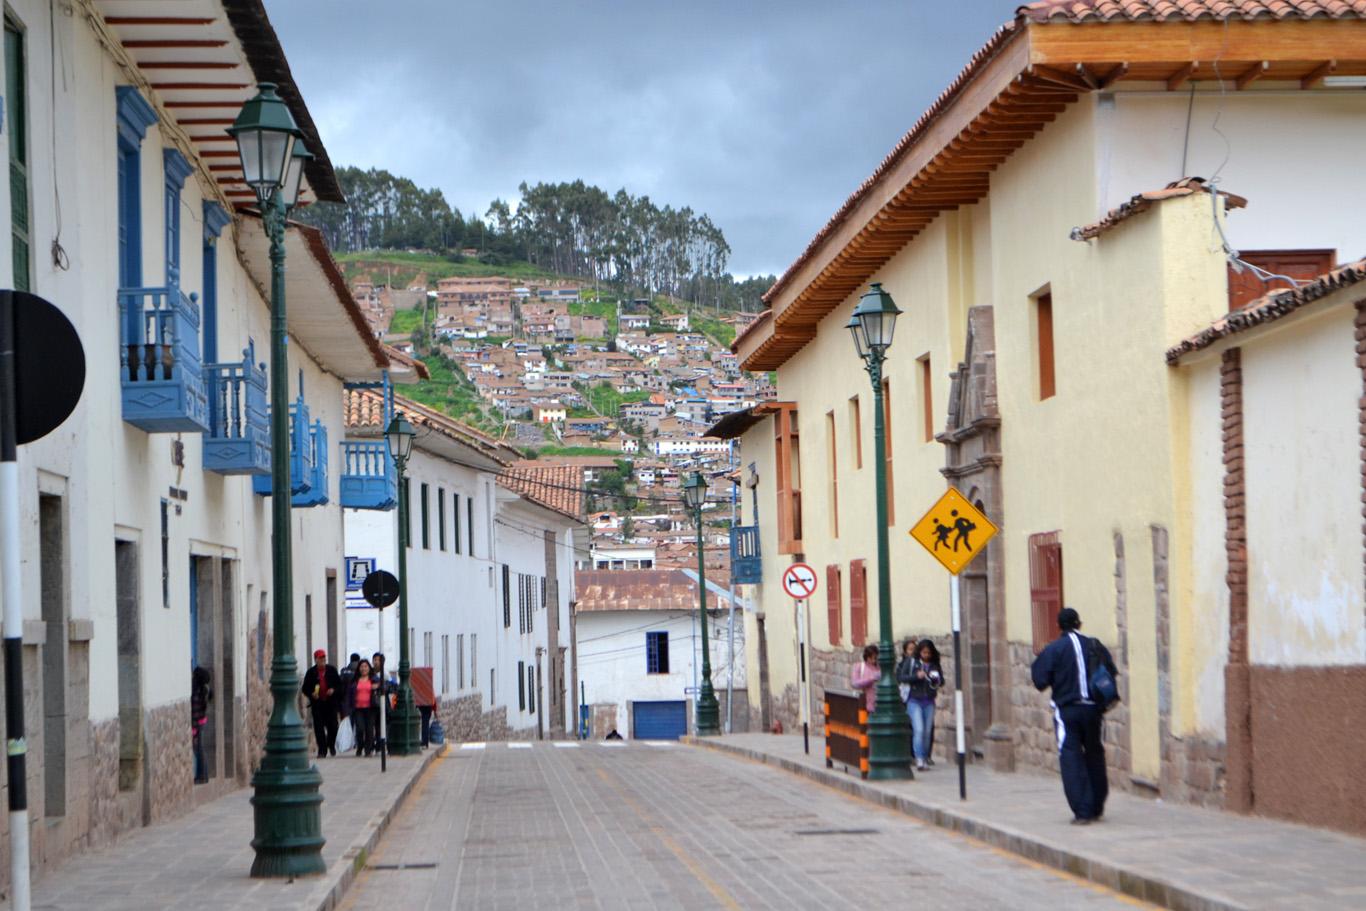 Dowtown Cuzco